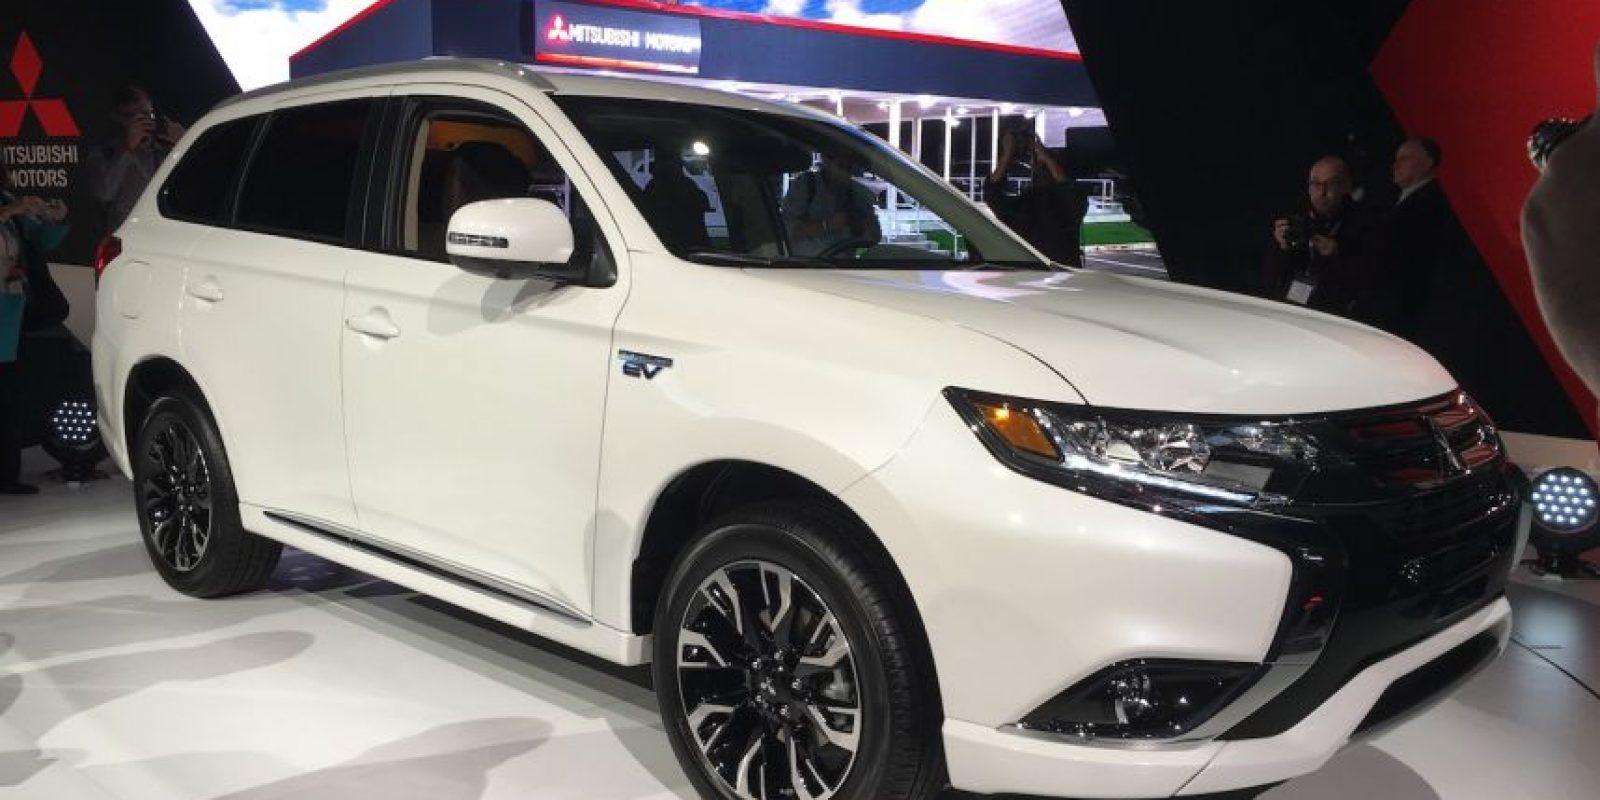 Mitsubishi presentó su primera SUV con sistema de conexión eléctrica o plug-in. Foto:Víktor Rodríguez-Velázquez. Imagen Por: